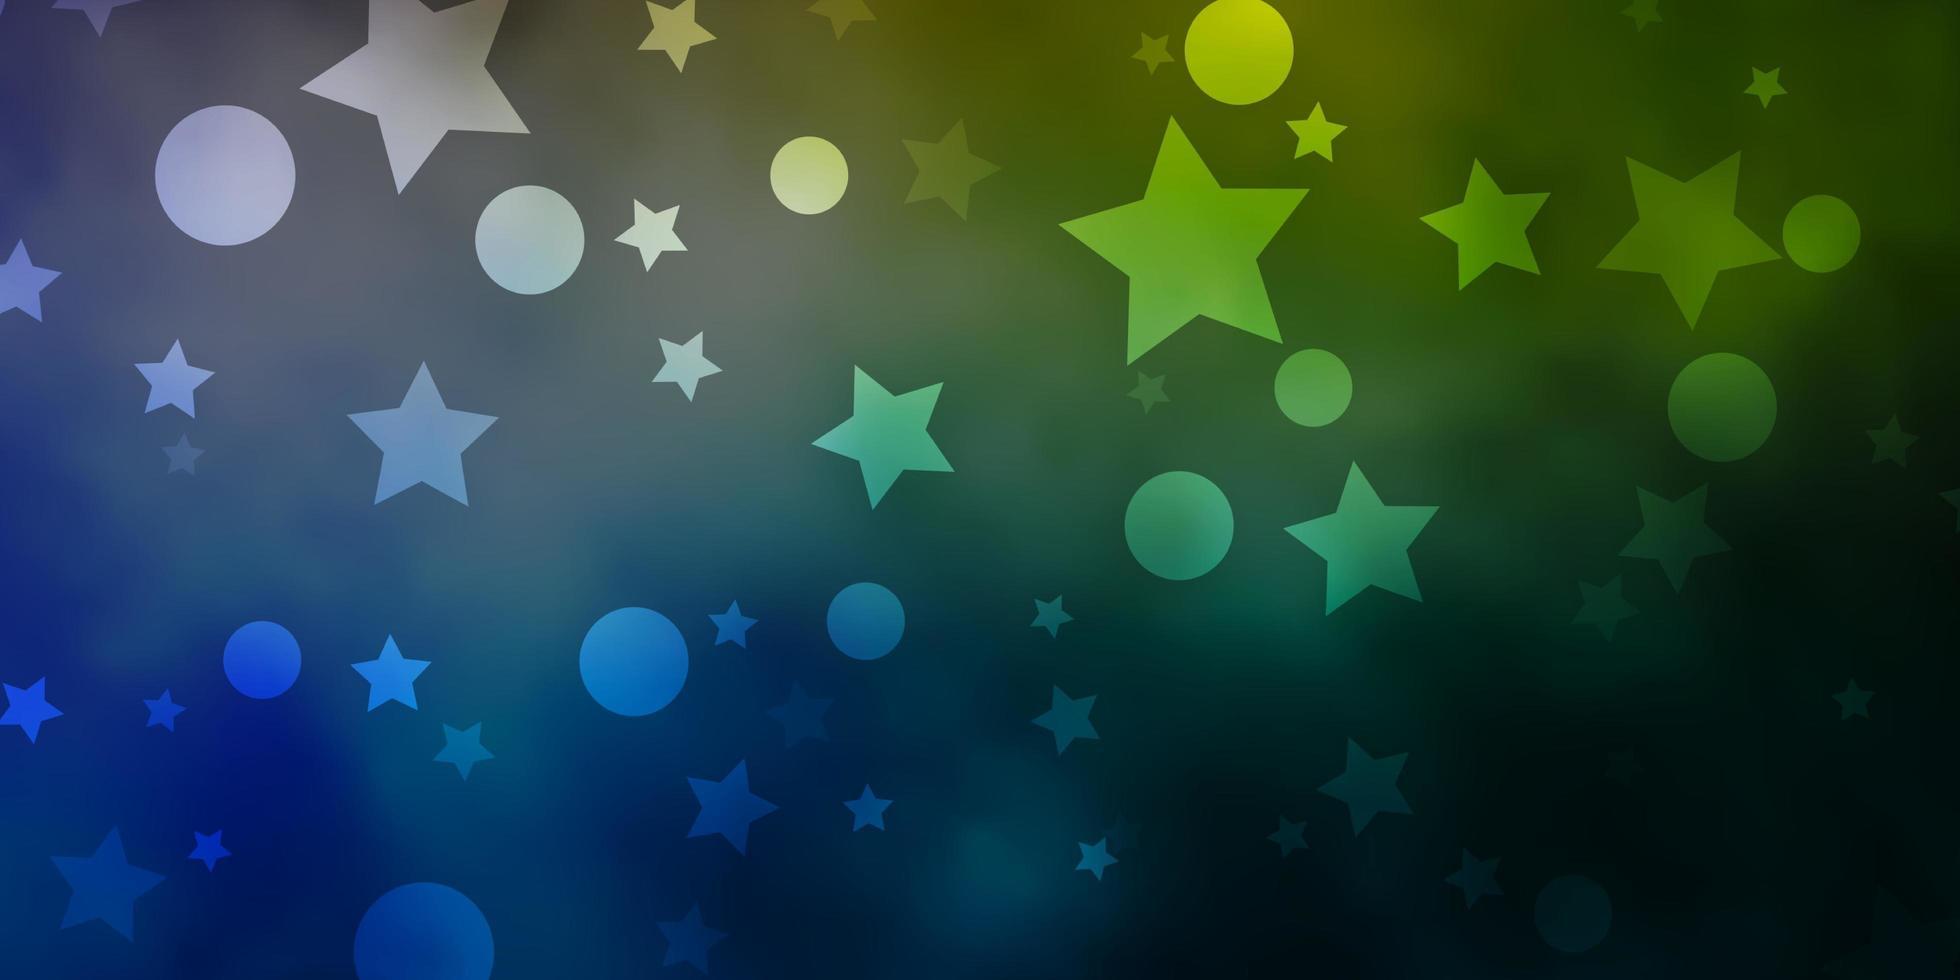 blå, grön bakgrund med cirklar, stjärnor. vektor